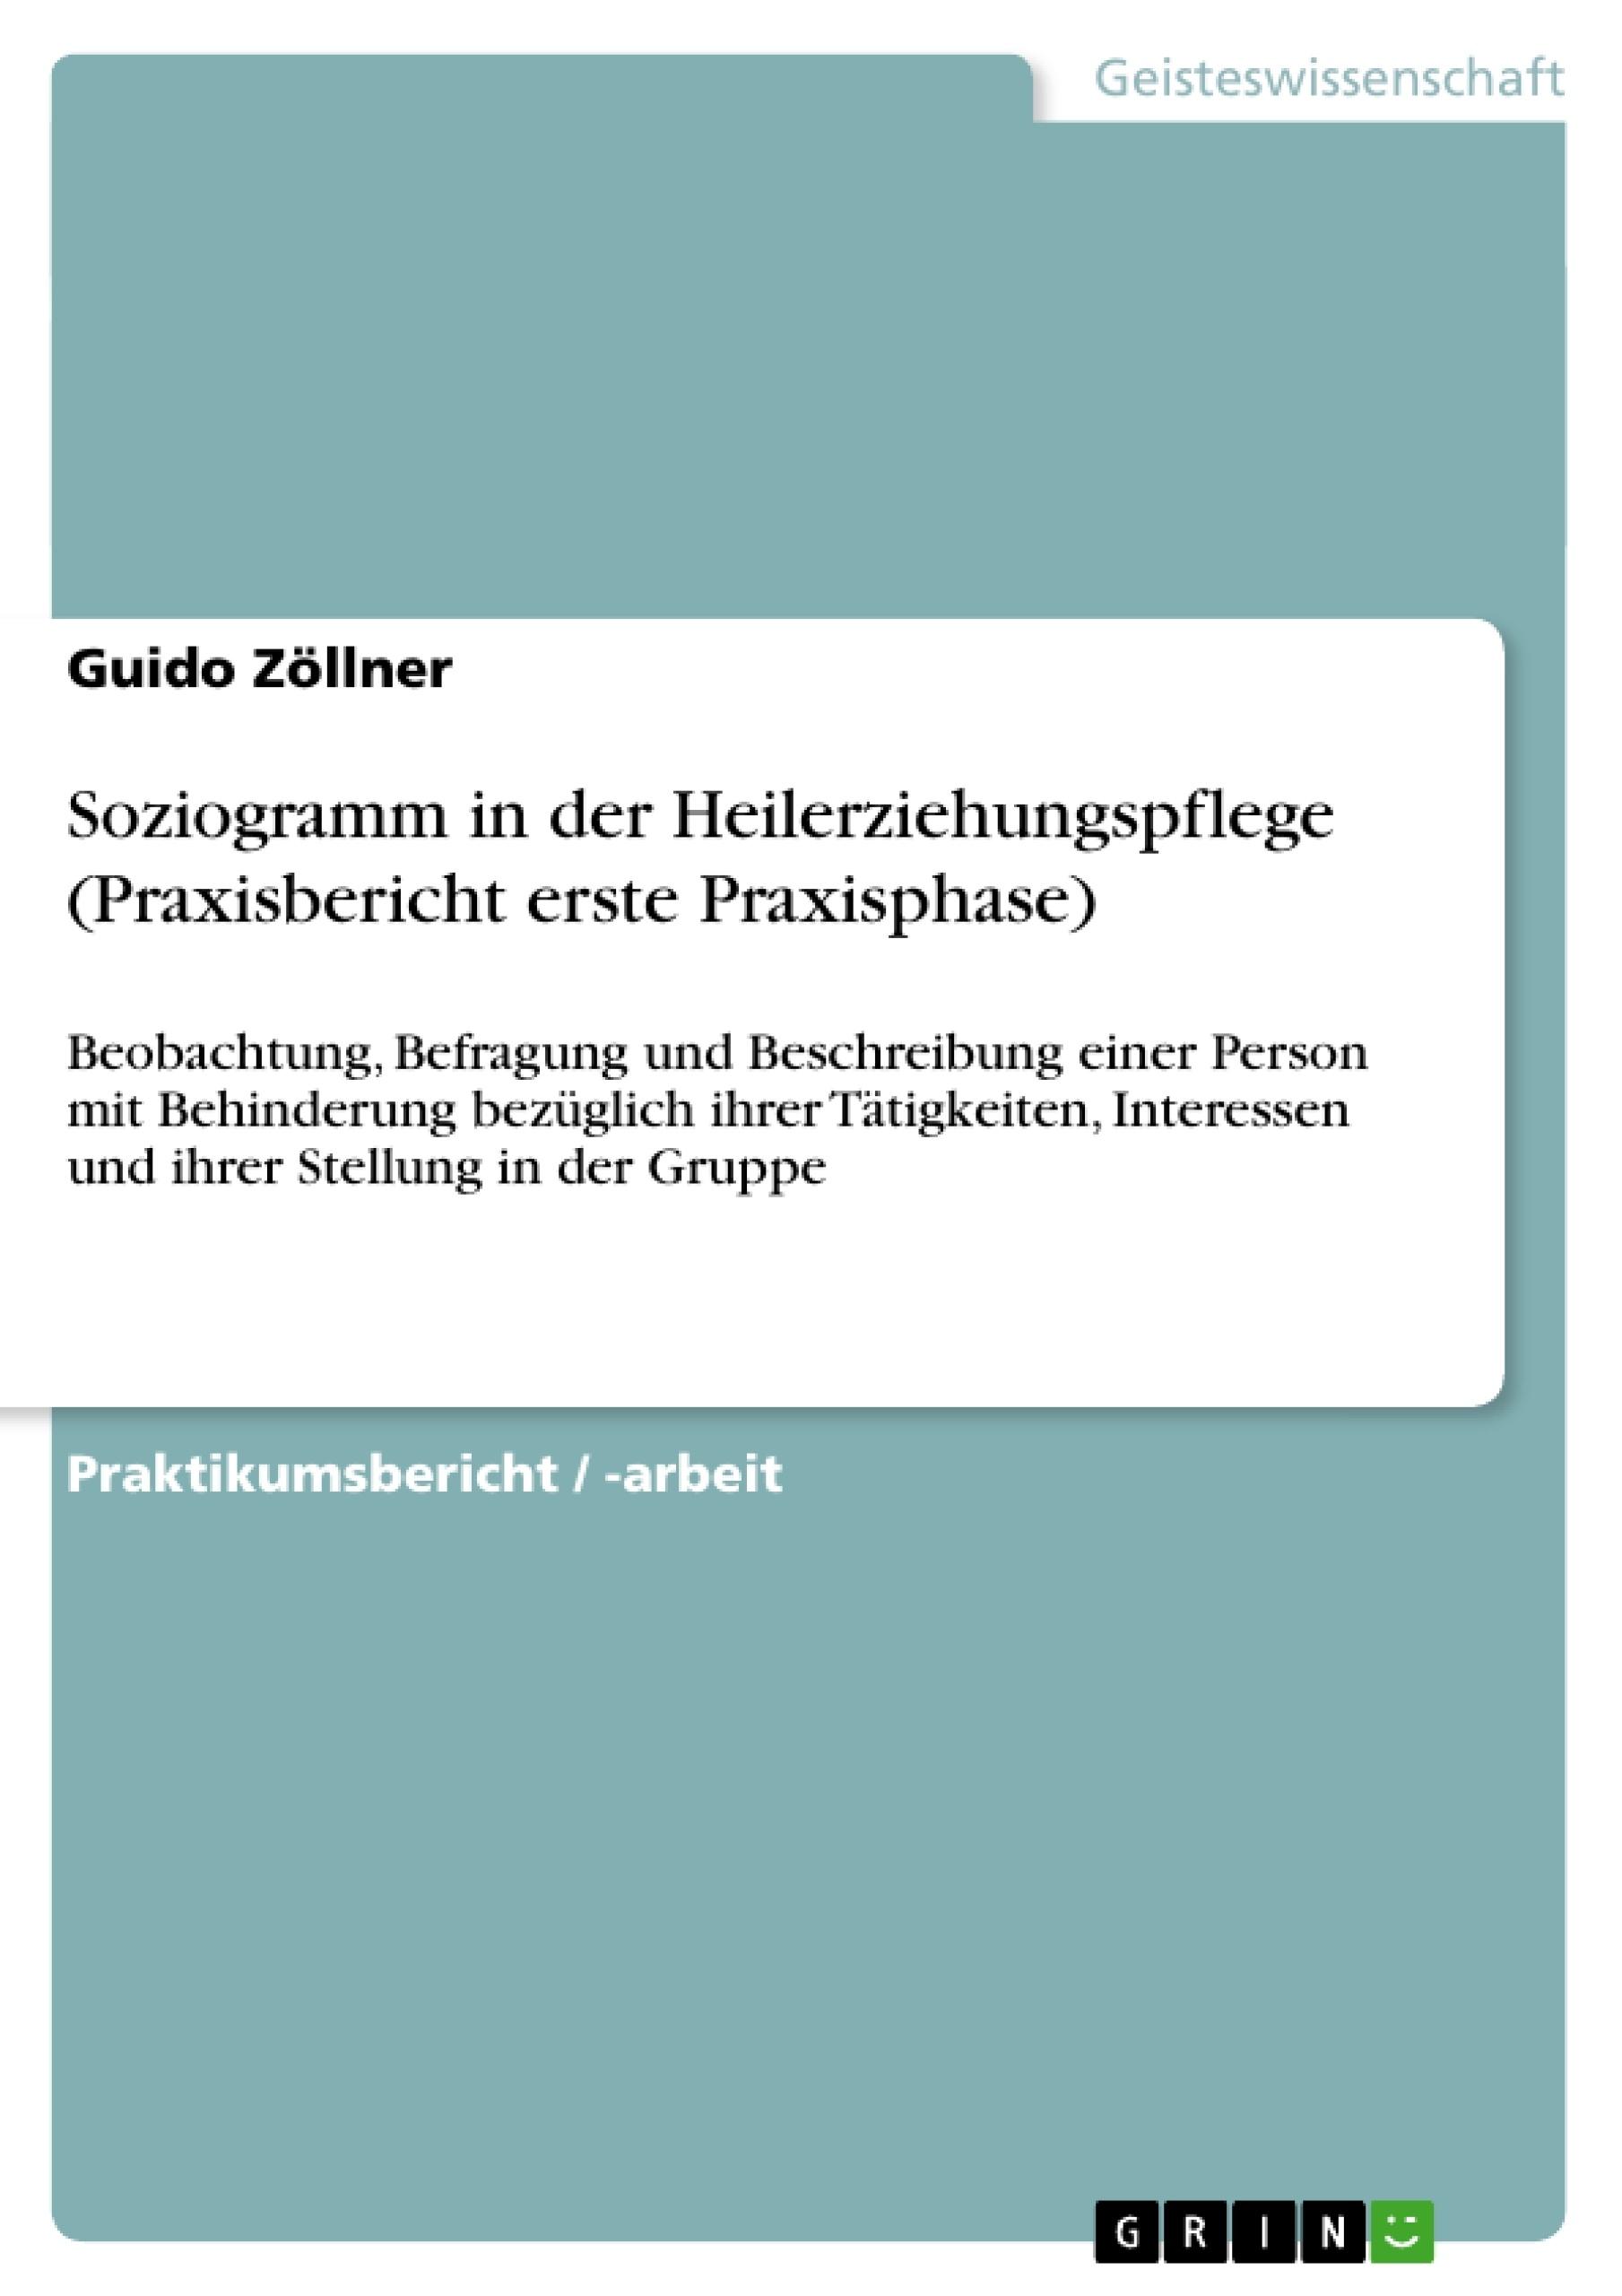 Titel: Soziogramm in der Heilerziehungspflege (Praxisbericht erste Praxisphase)